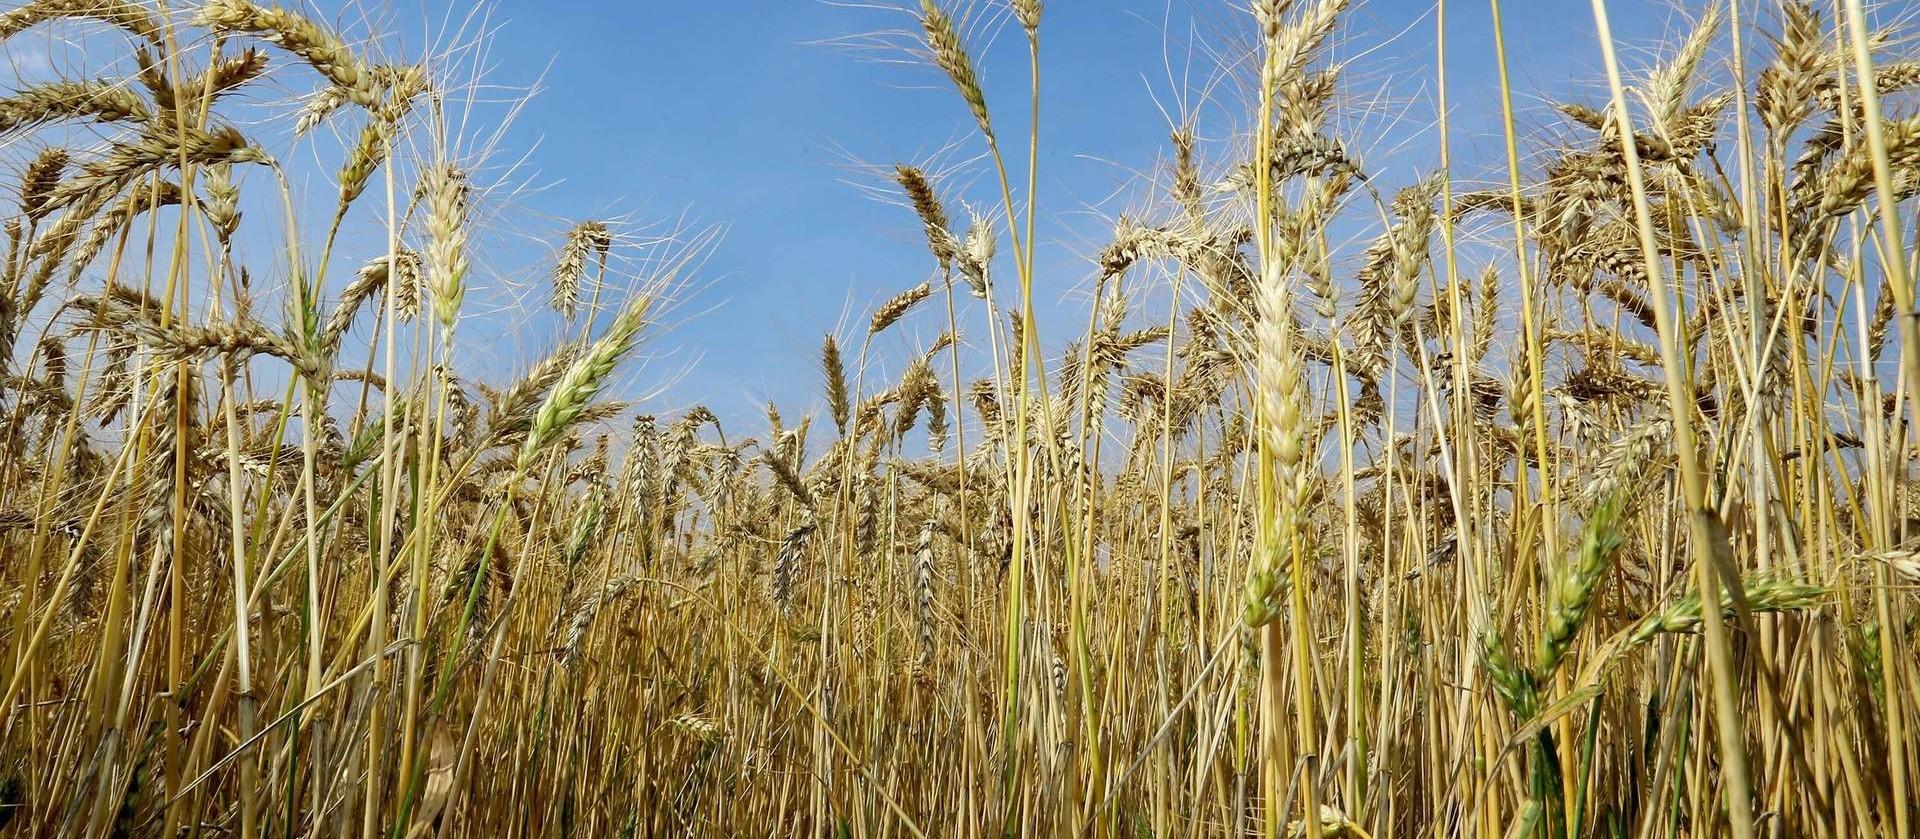 Reunião do trigo e triticale 2021 recebe trabalhos de pesquisa